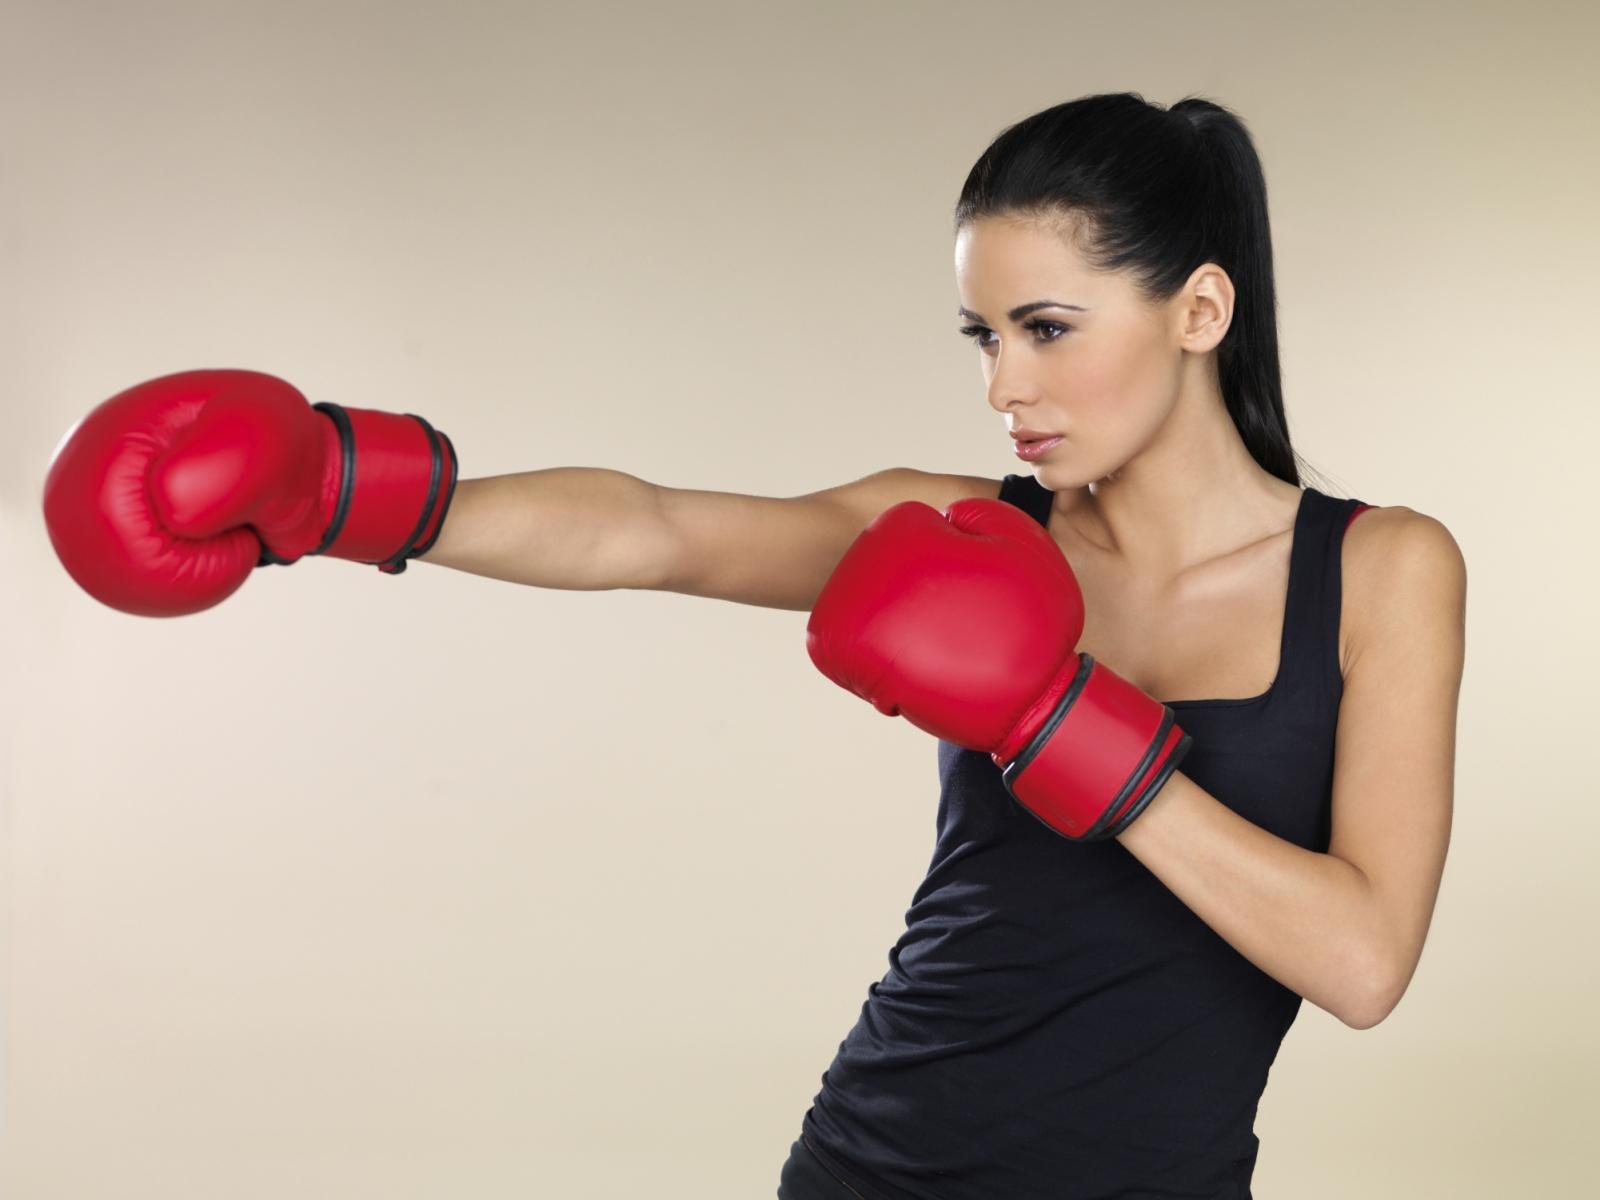 boxeo, Esto es lo que puedes lograr con el boxeo ¡No es sólo para chicos!